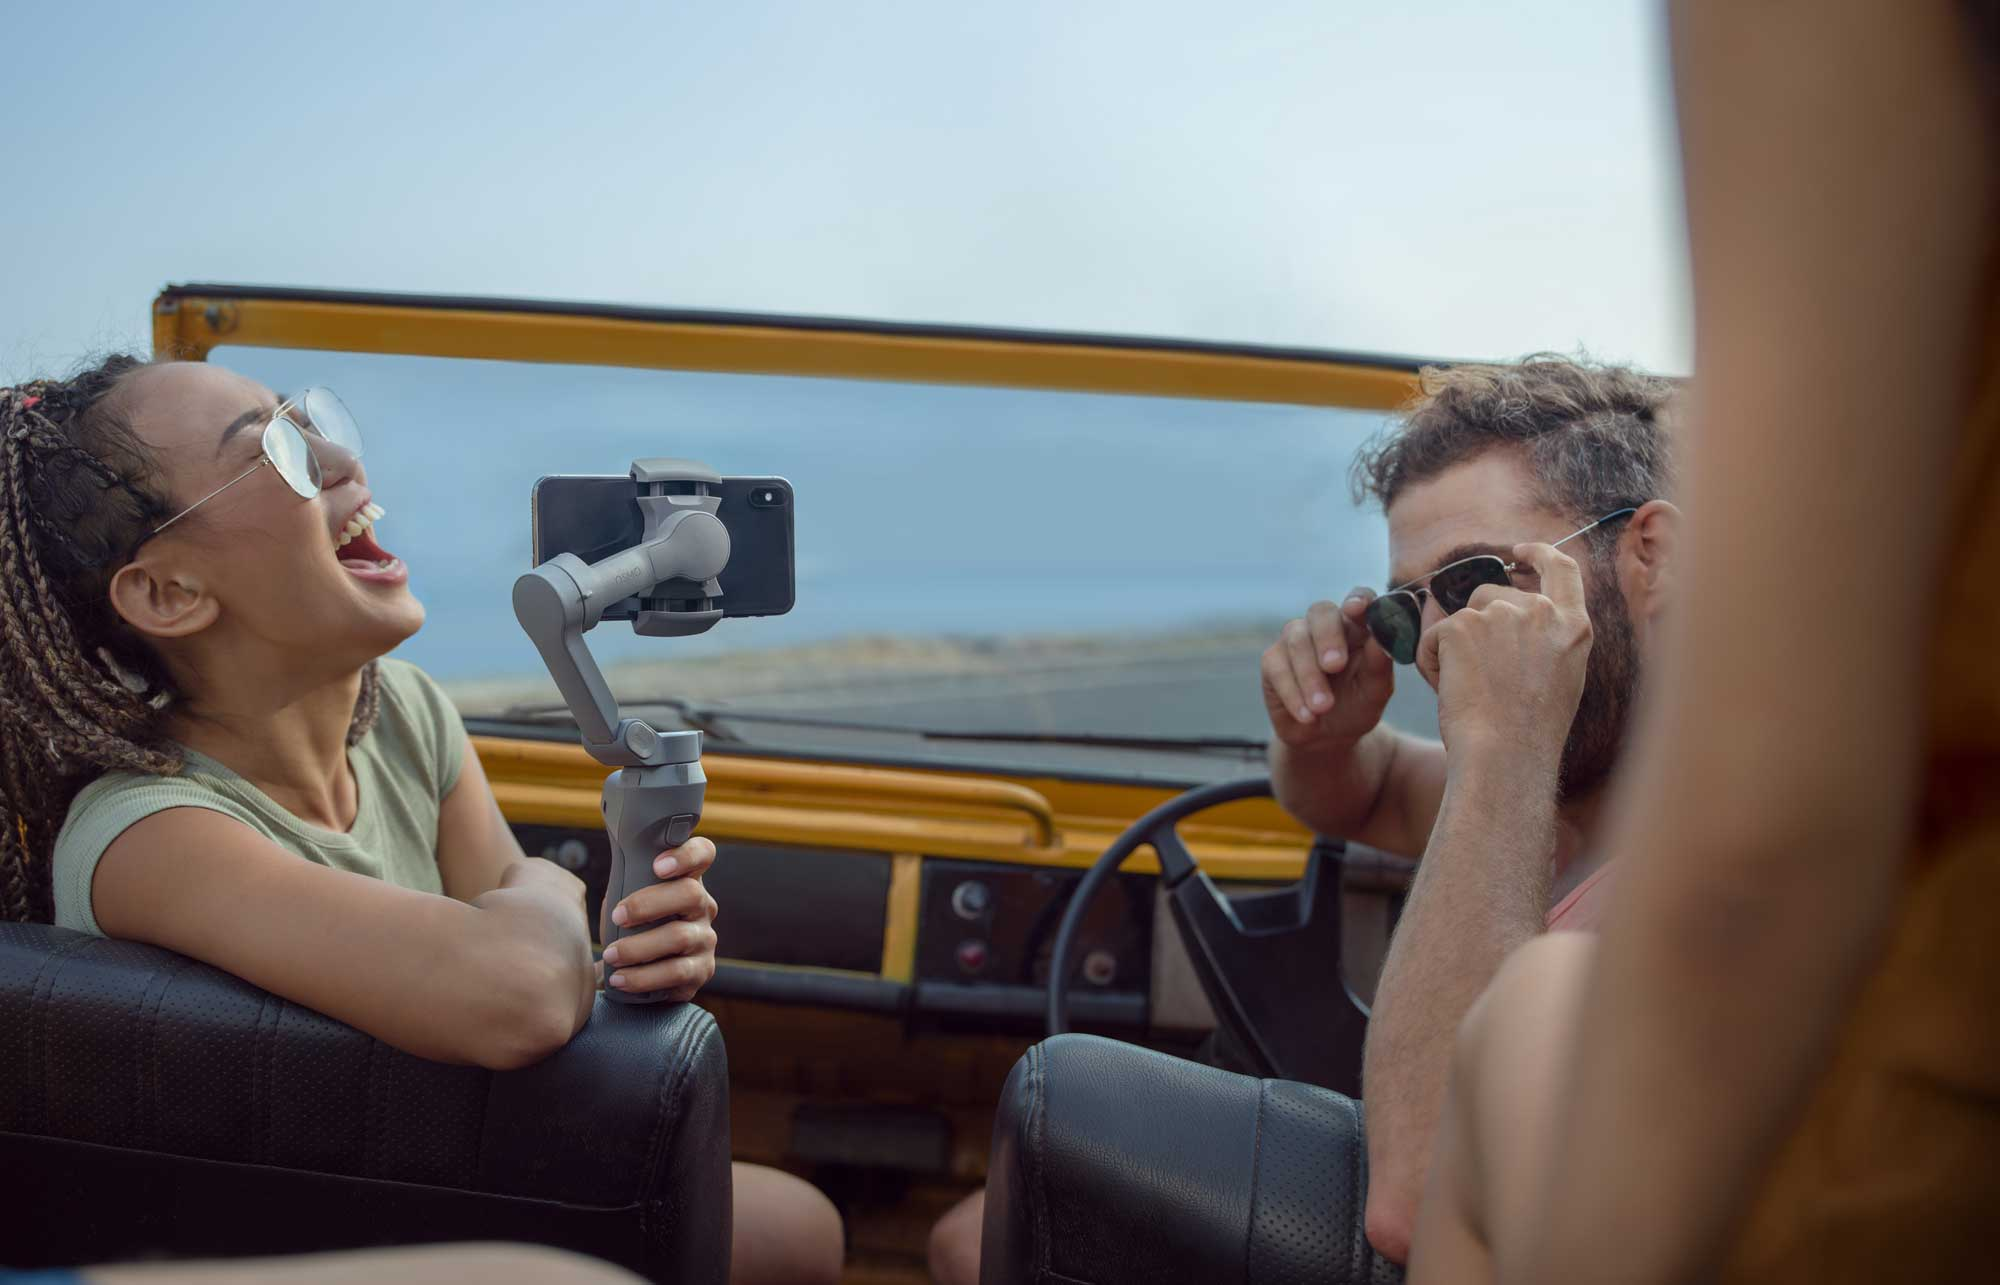 momen-travelling-lebih-seru-dengan-Osmo-Mobile-3